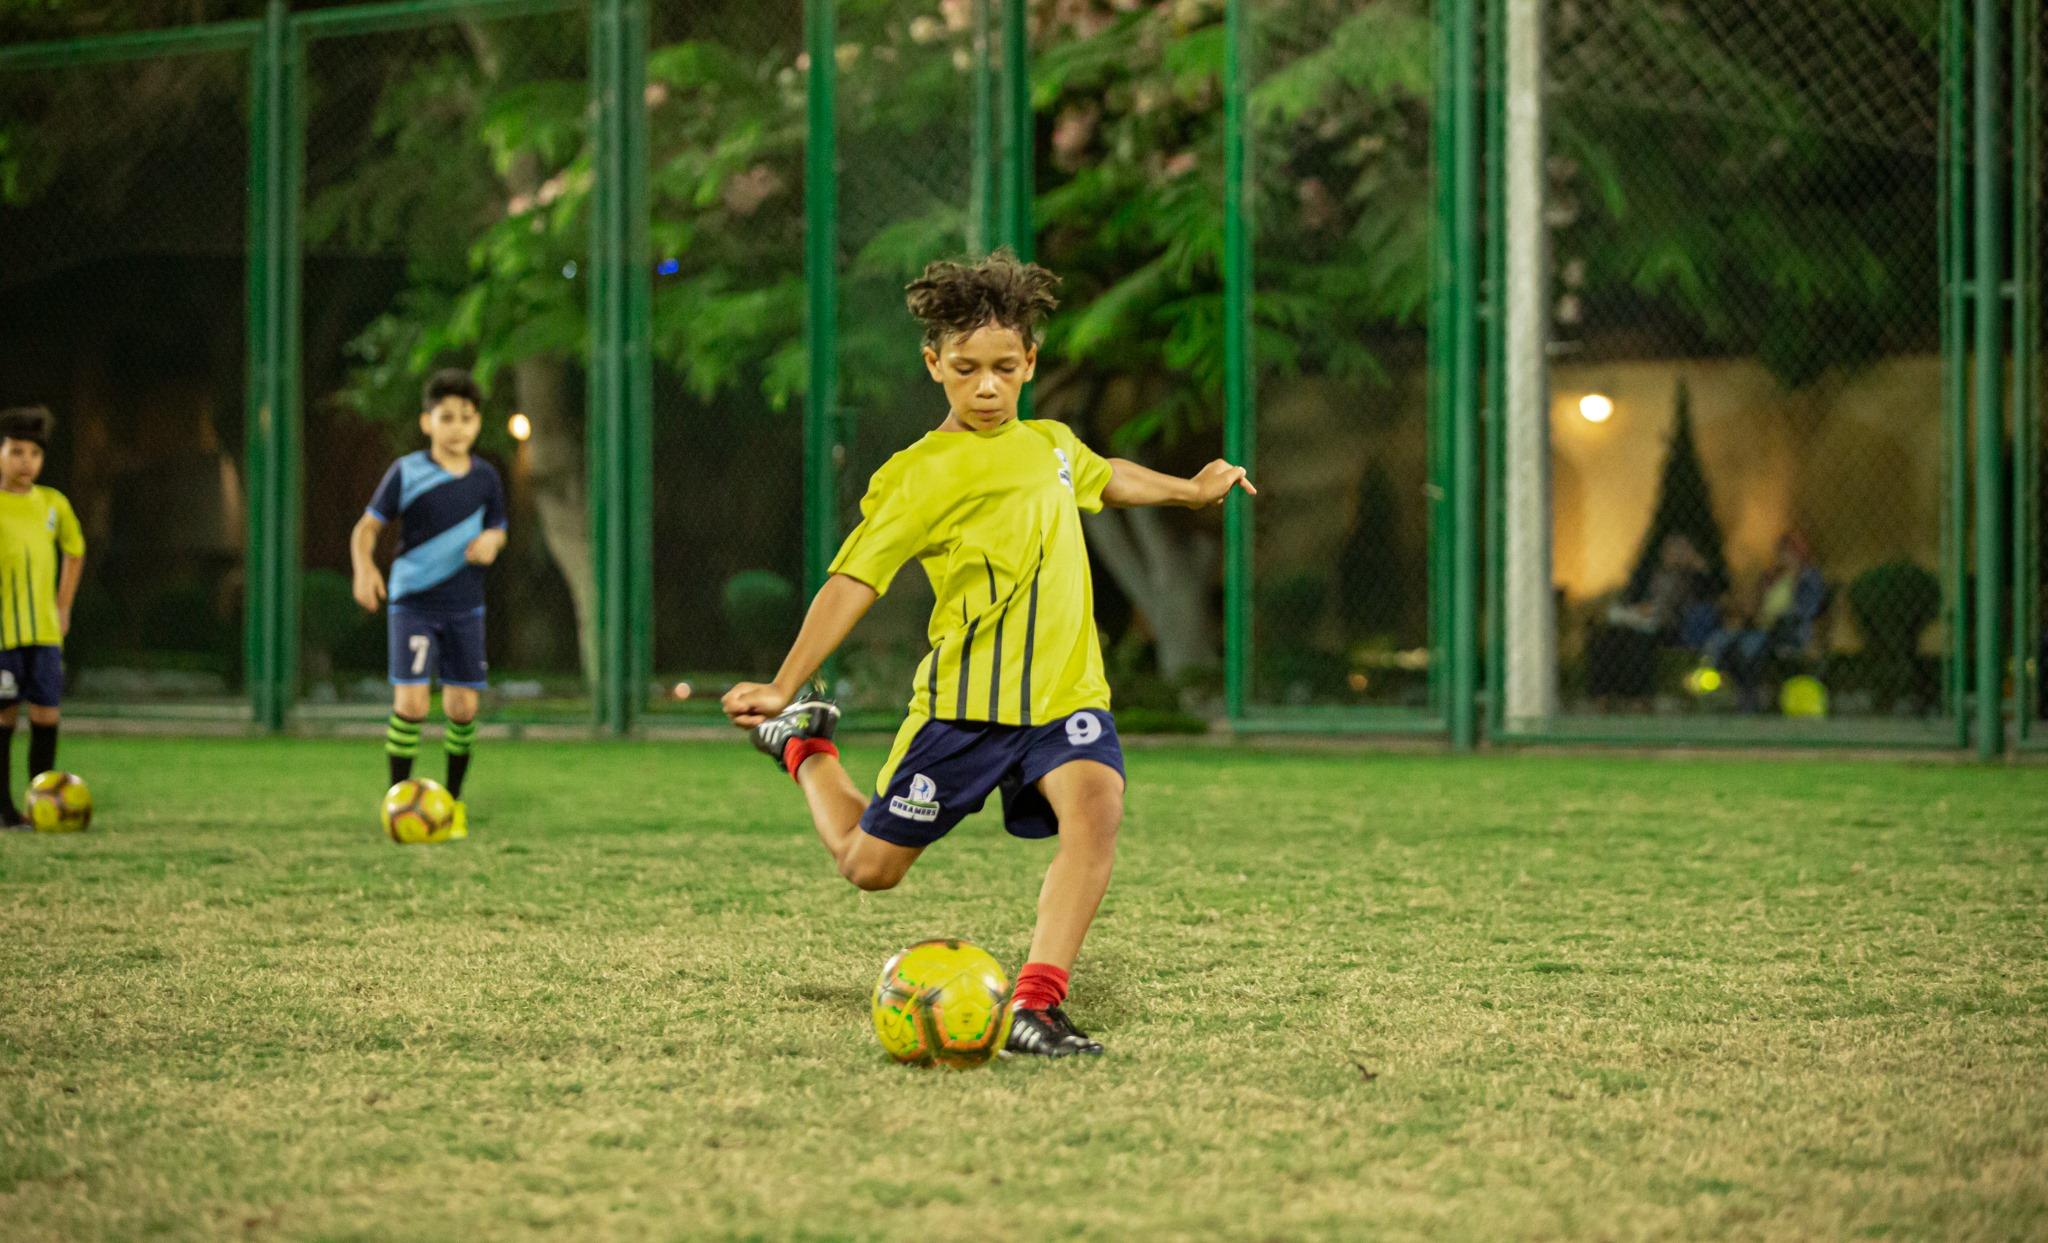 المهارا ت الأساسية لكرة القدم